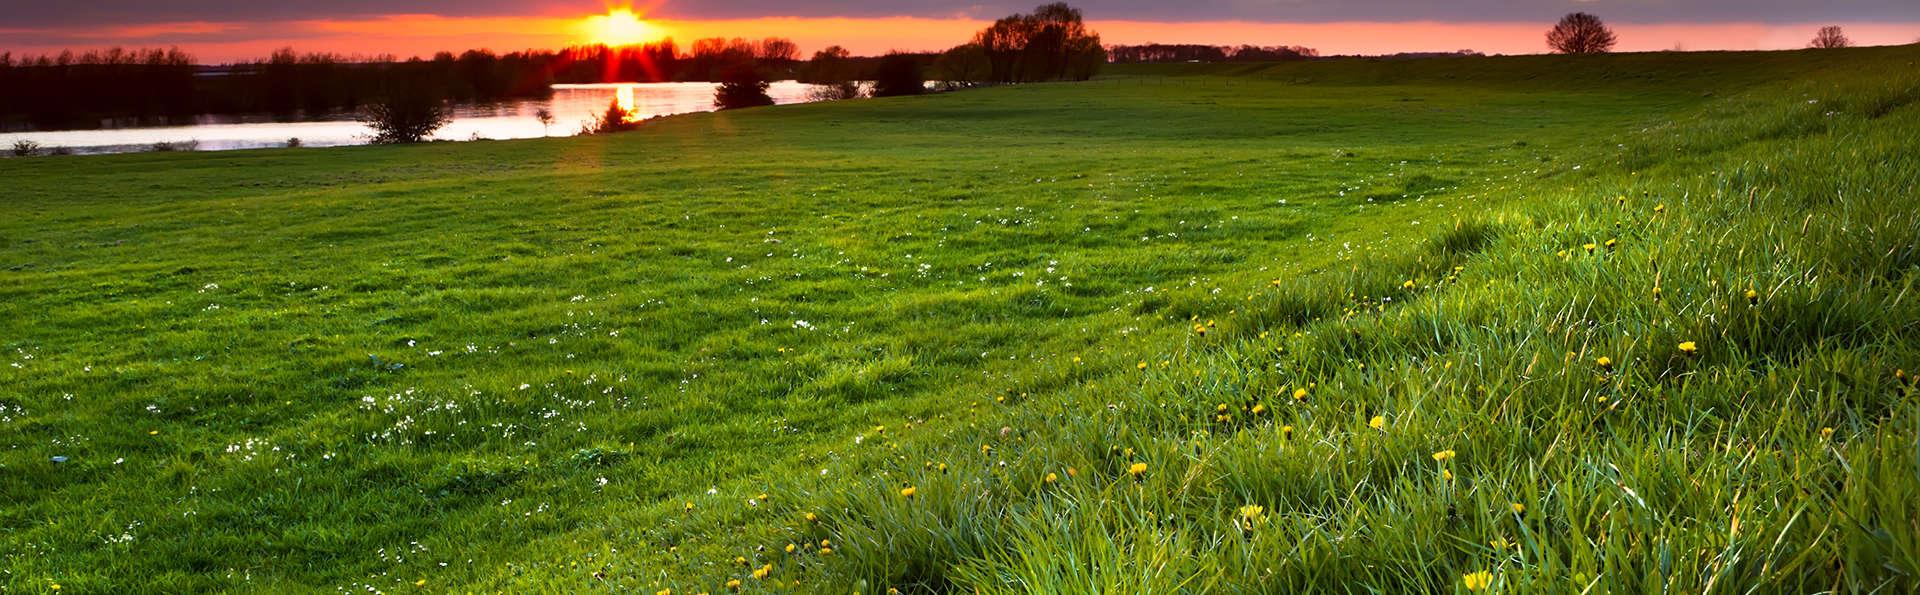 Séjour romantique avec spa privé dans la nature de Gueldre, aux Pays-Bas